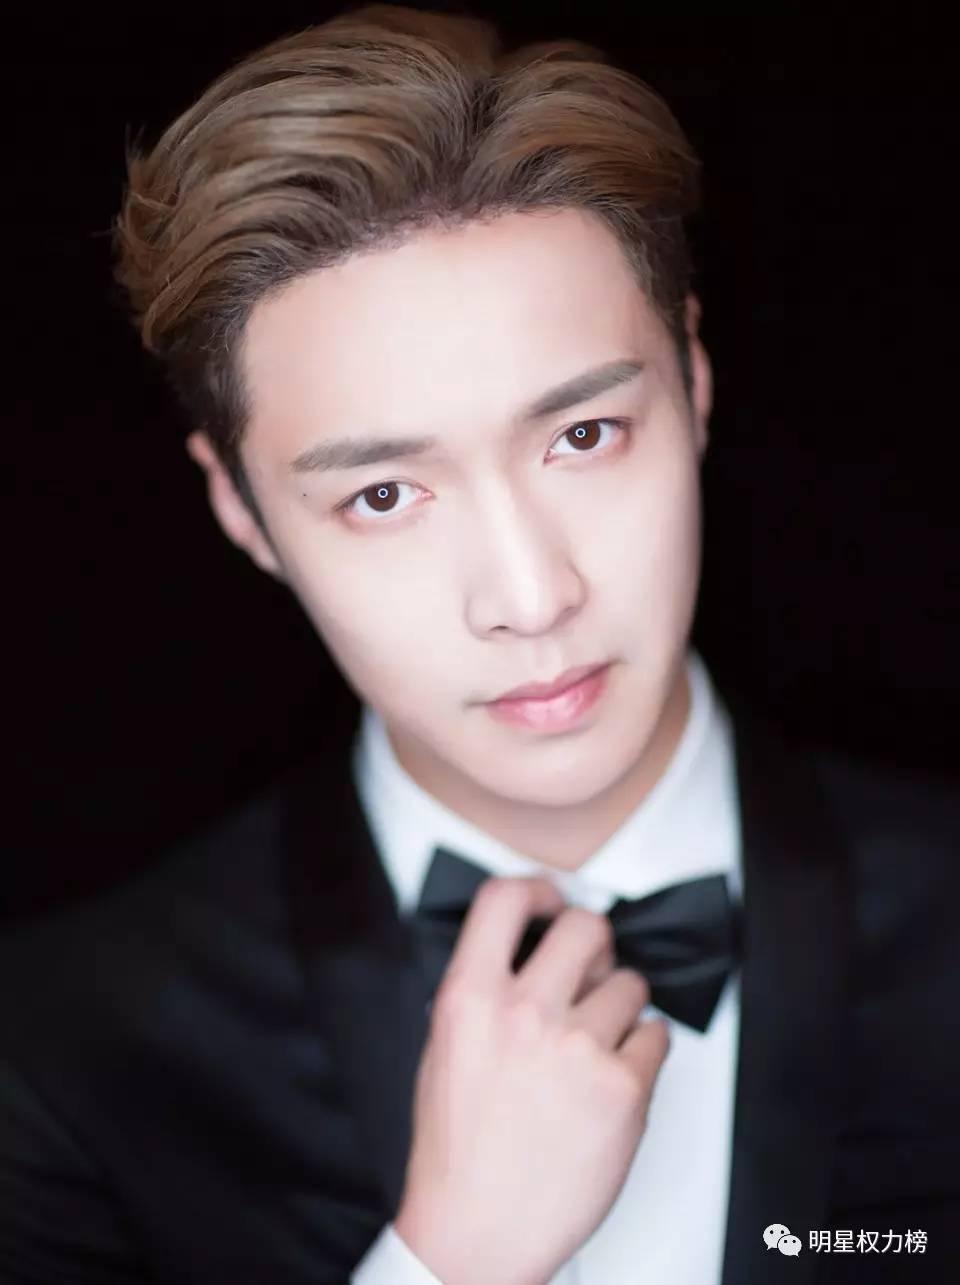 2017全球最美面孔100人候选人名单出炉,入围的中国爱豆竟然是他们?!